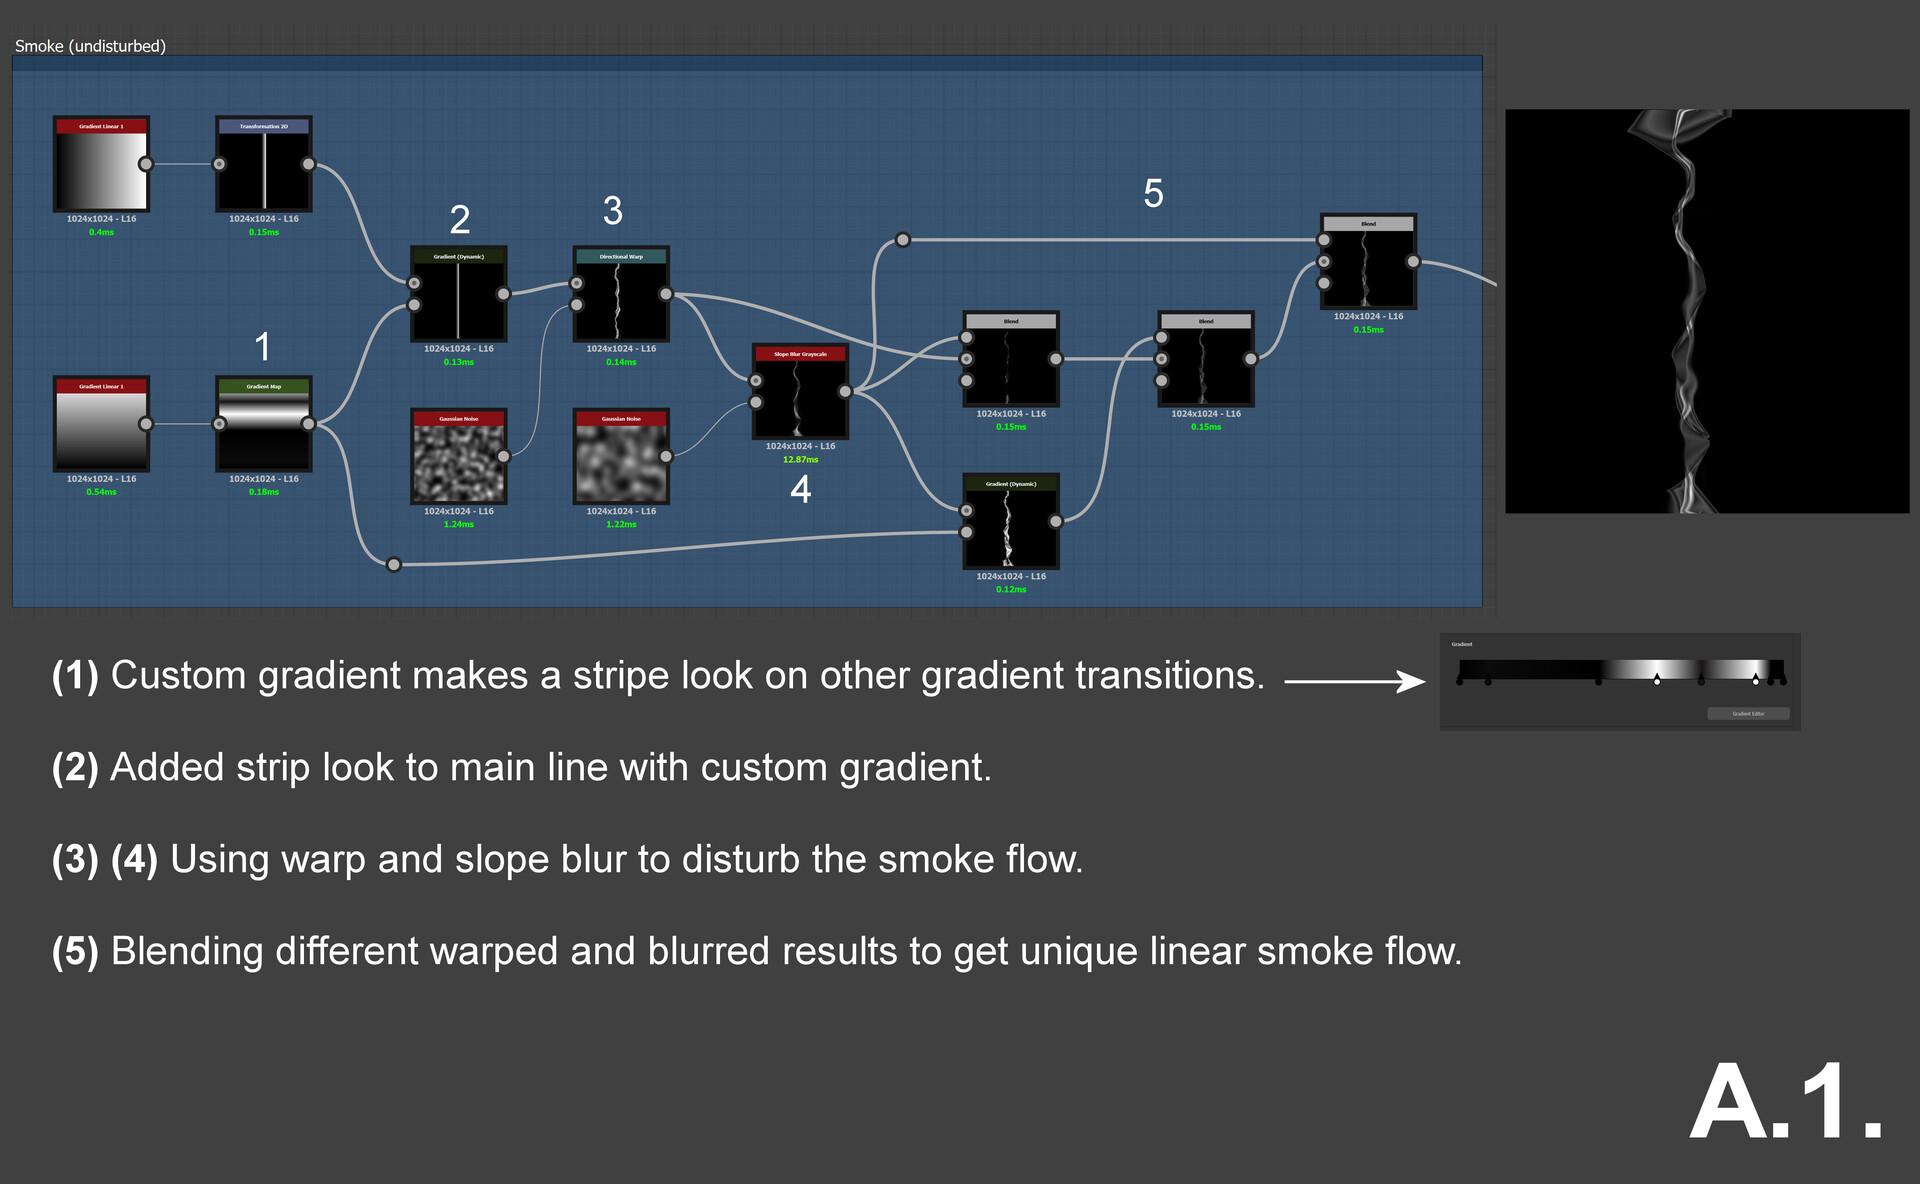 Cem tezcan 01 smoke undisturbed